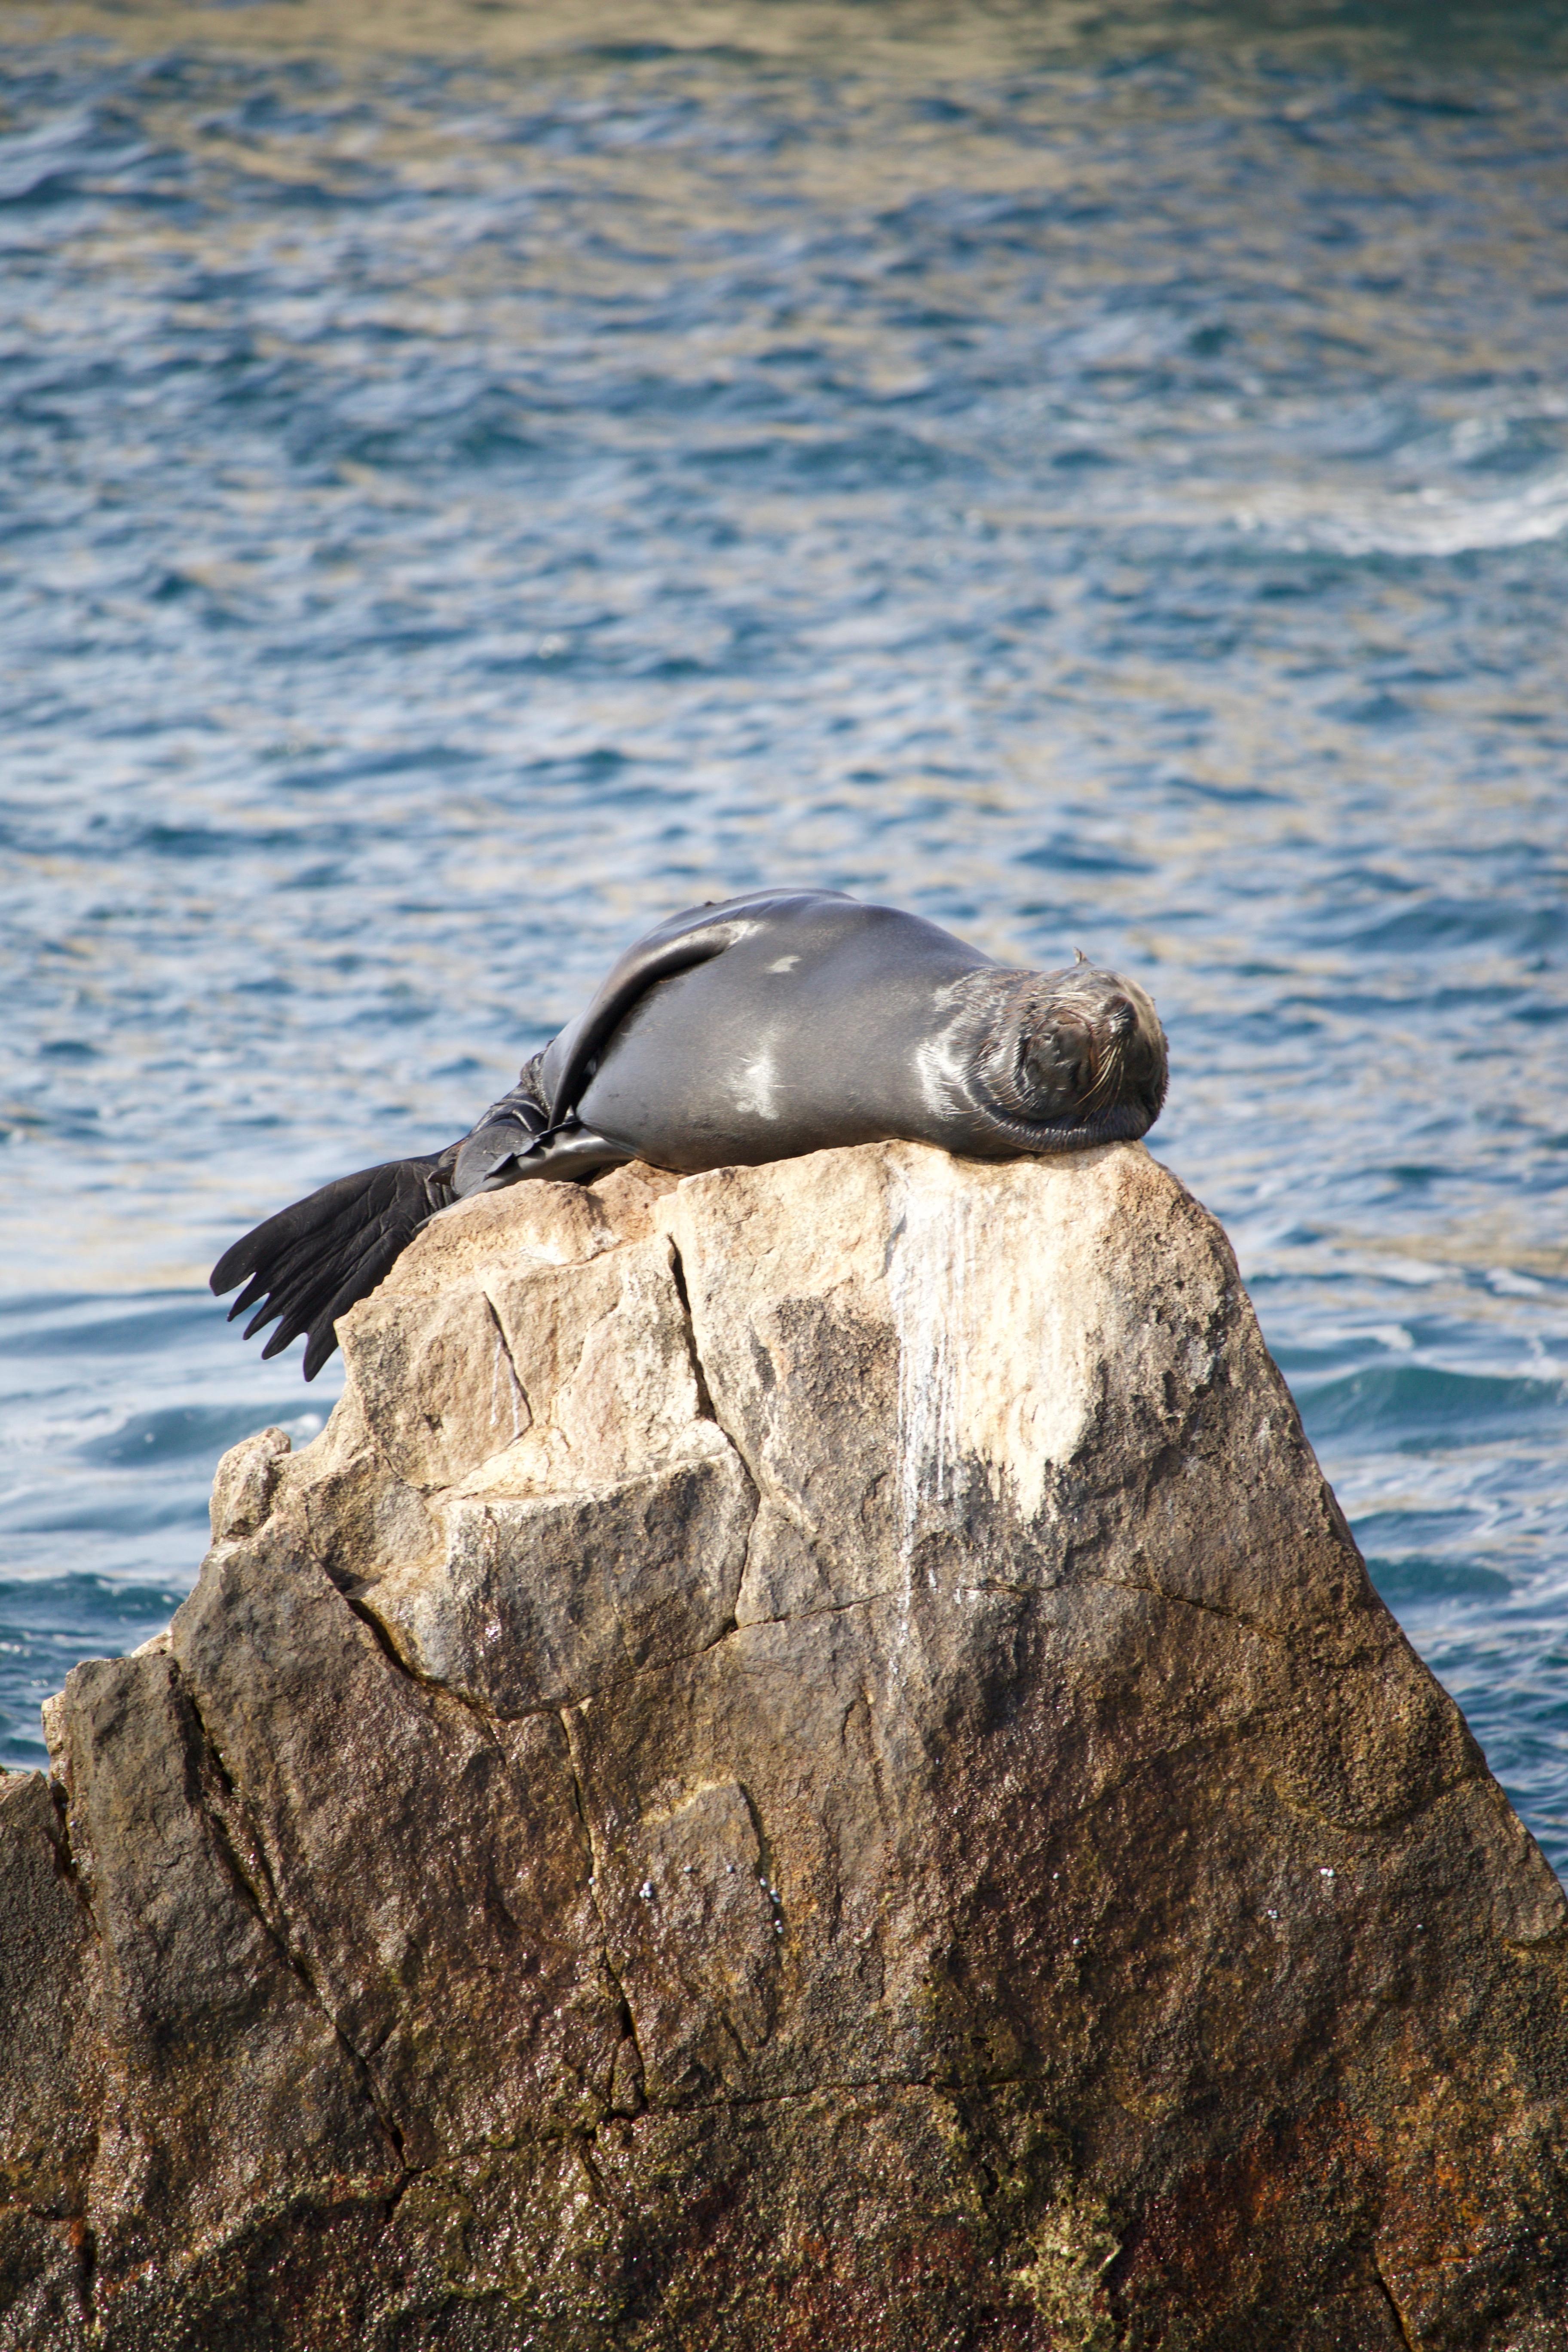 Animals Pics From Mexico Hoshana Rabbah Bloghoshana Rabbah Blog